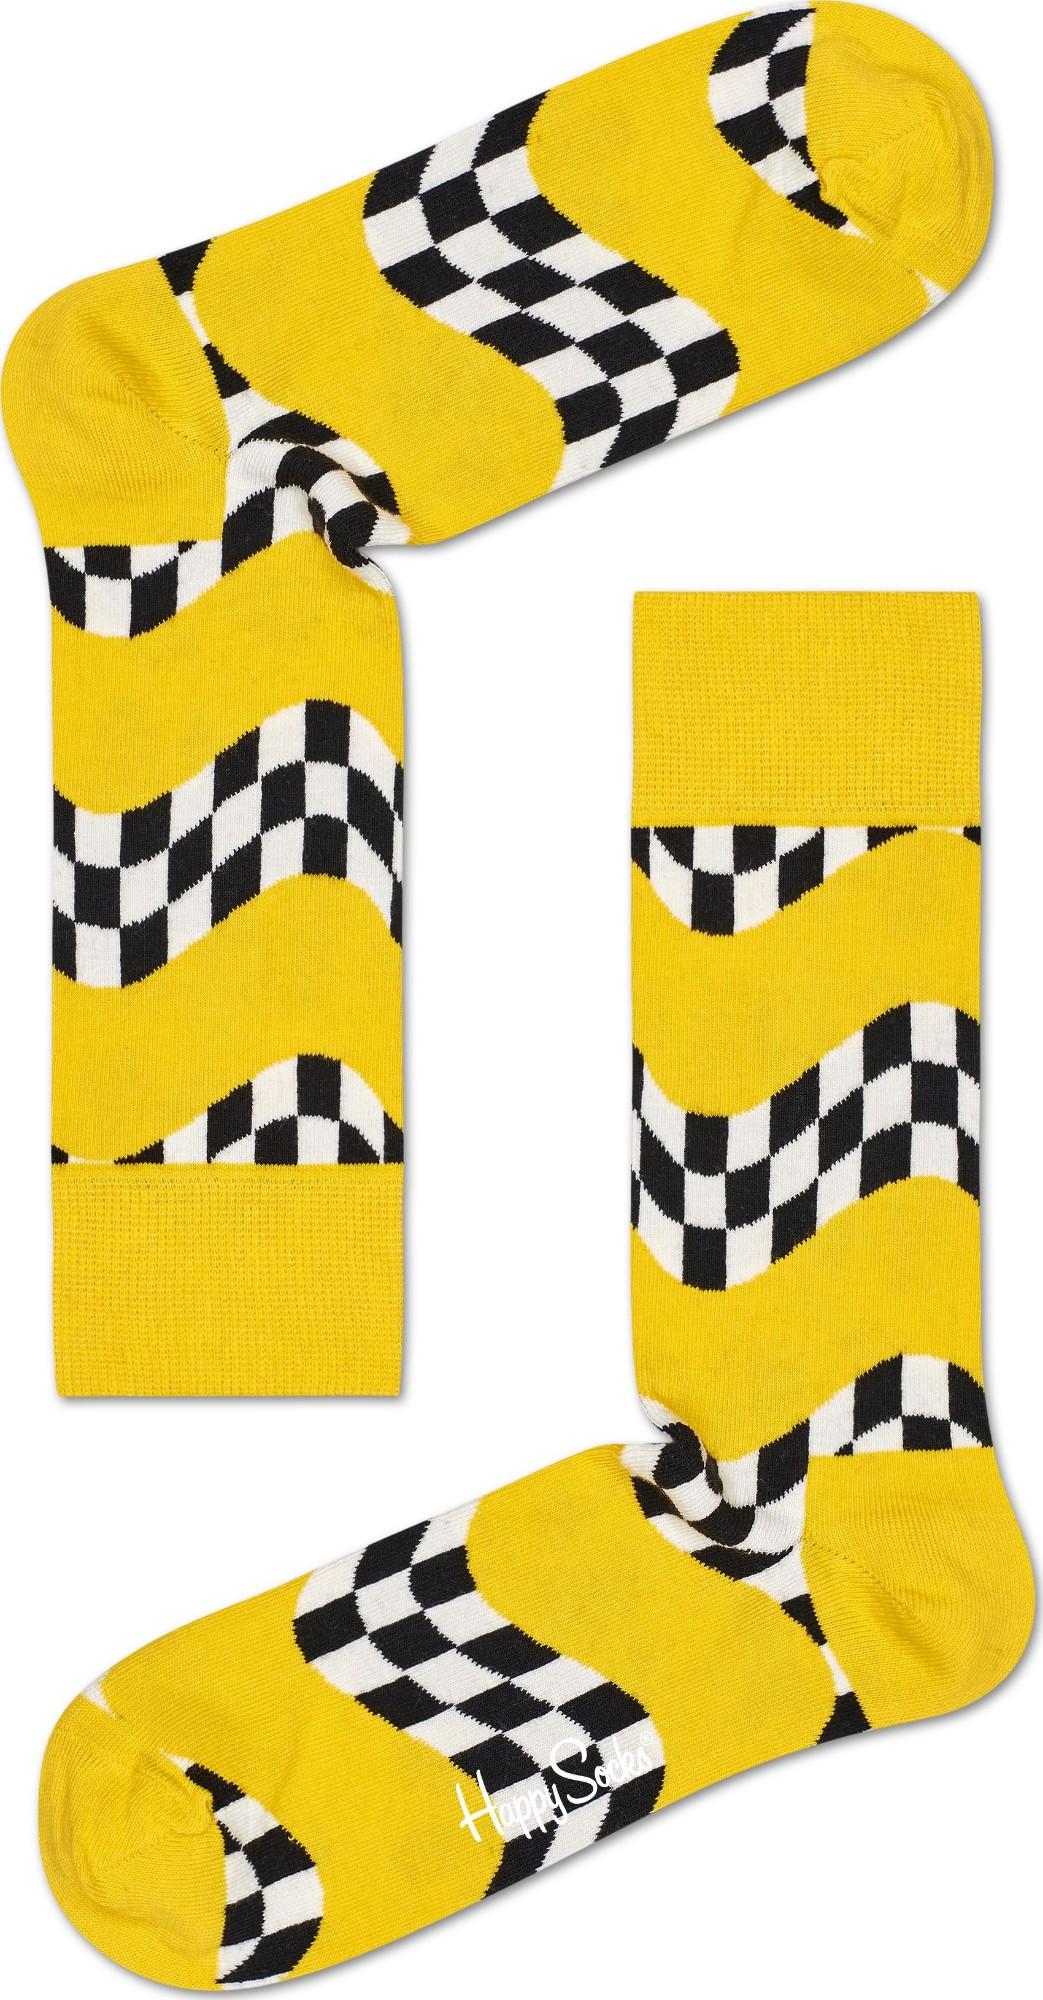 Happy Socks Race Multi 2200 36-40